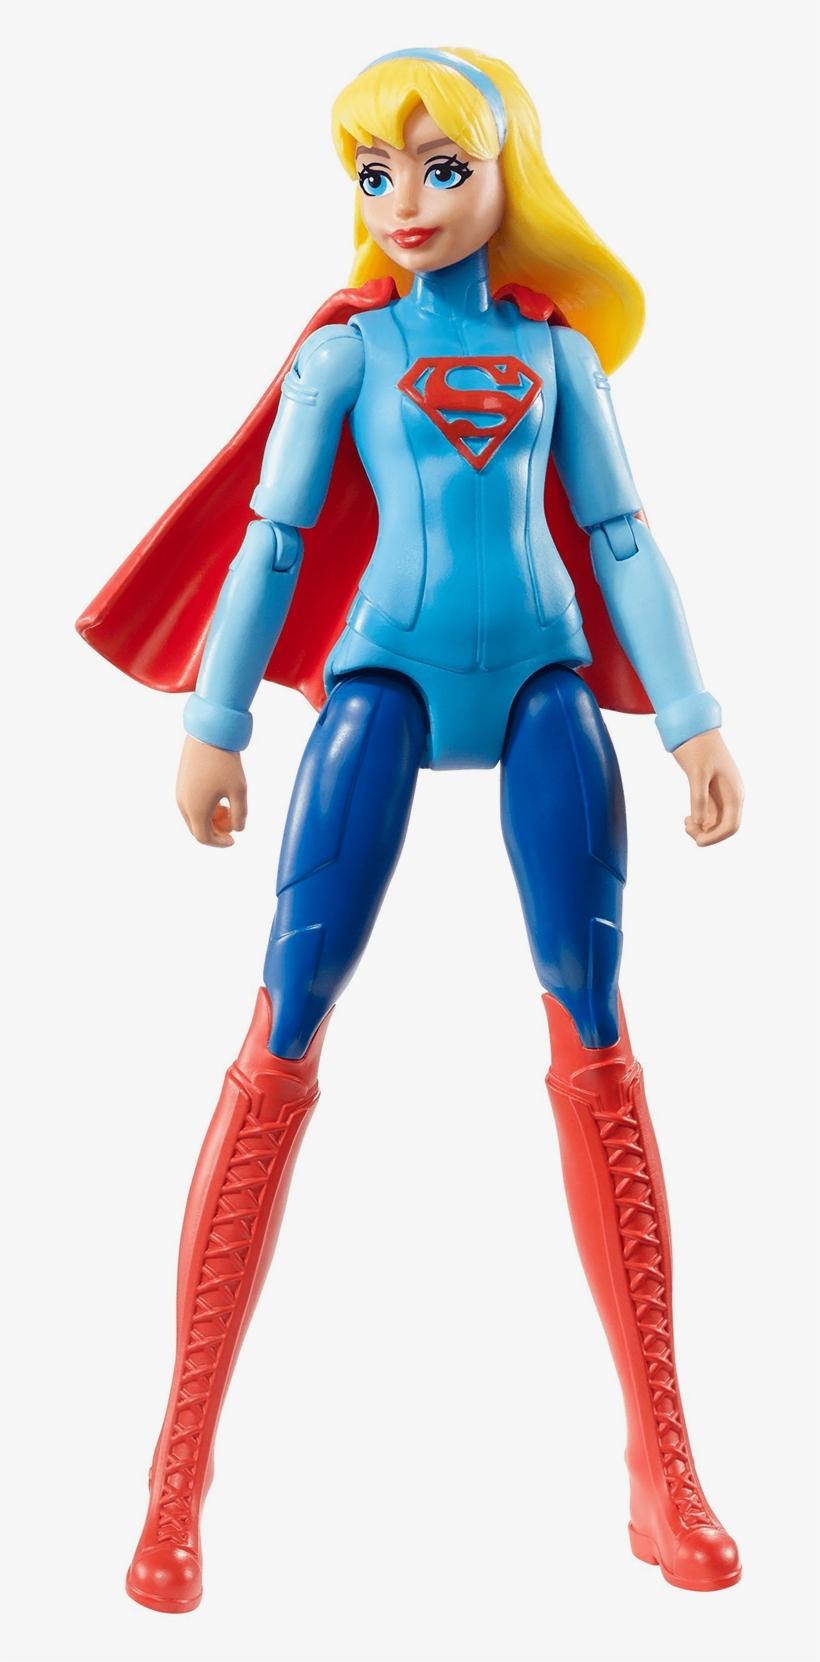 Norton Secured - Dc Super Hero Girls, transparent png #8464501